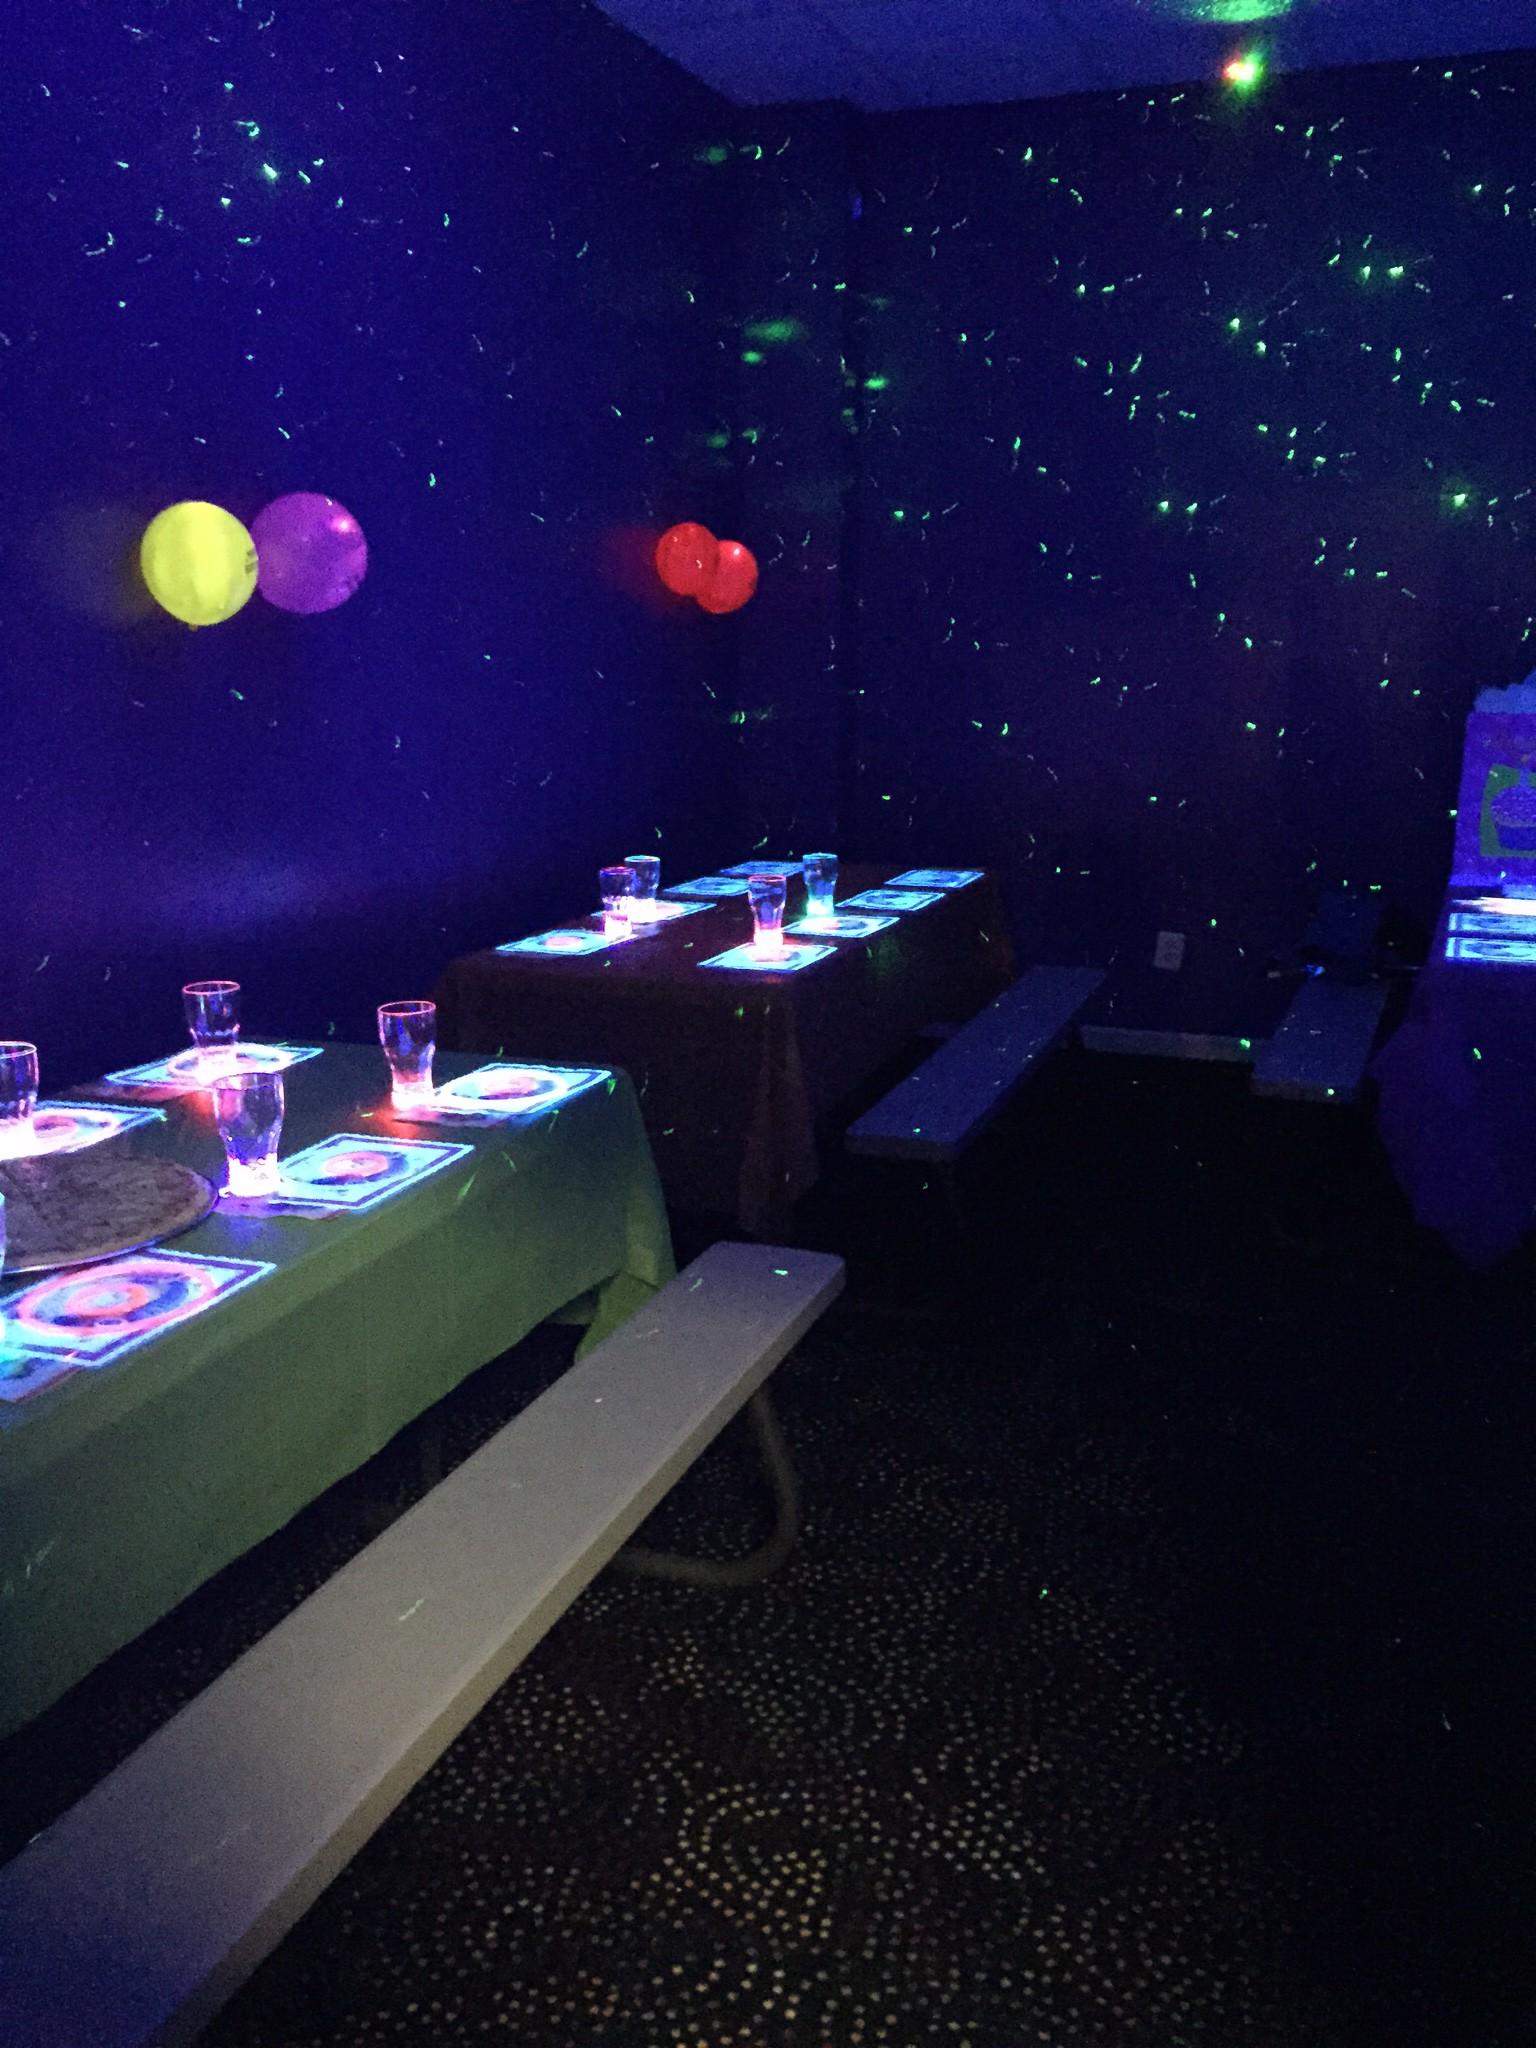 sk8erz family fun center